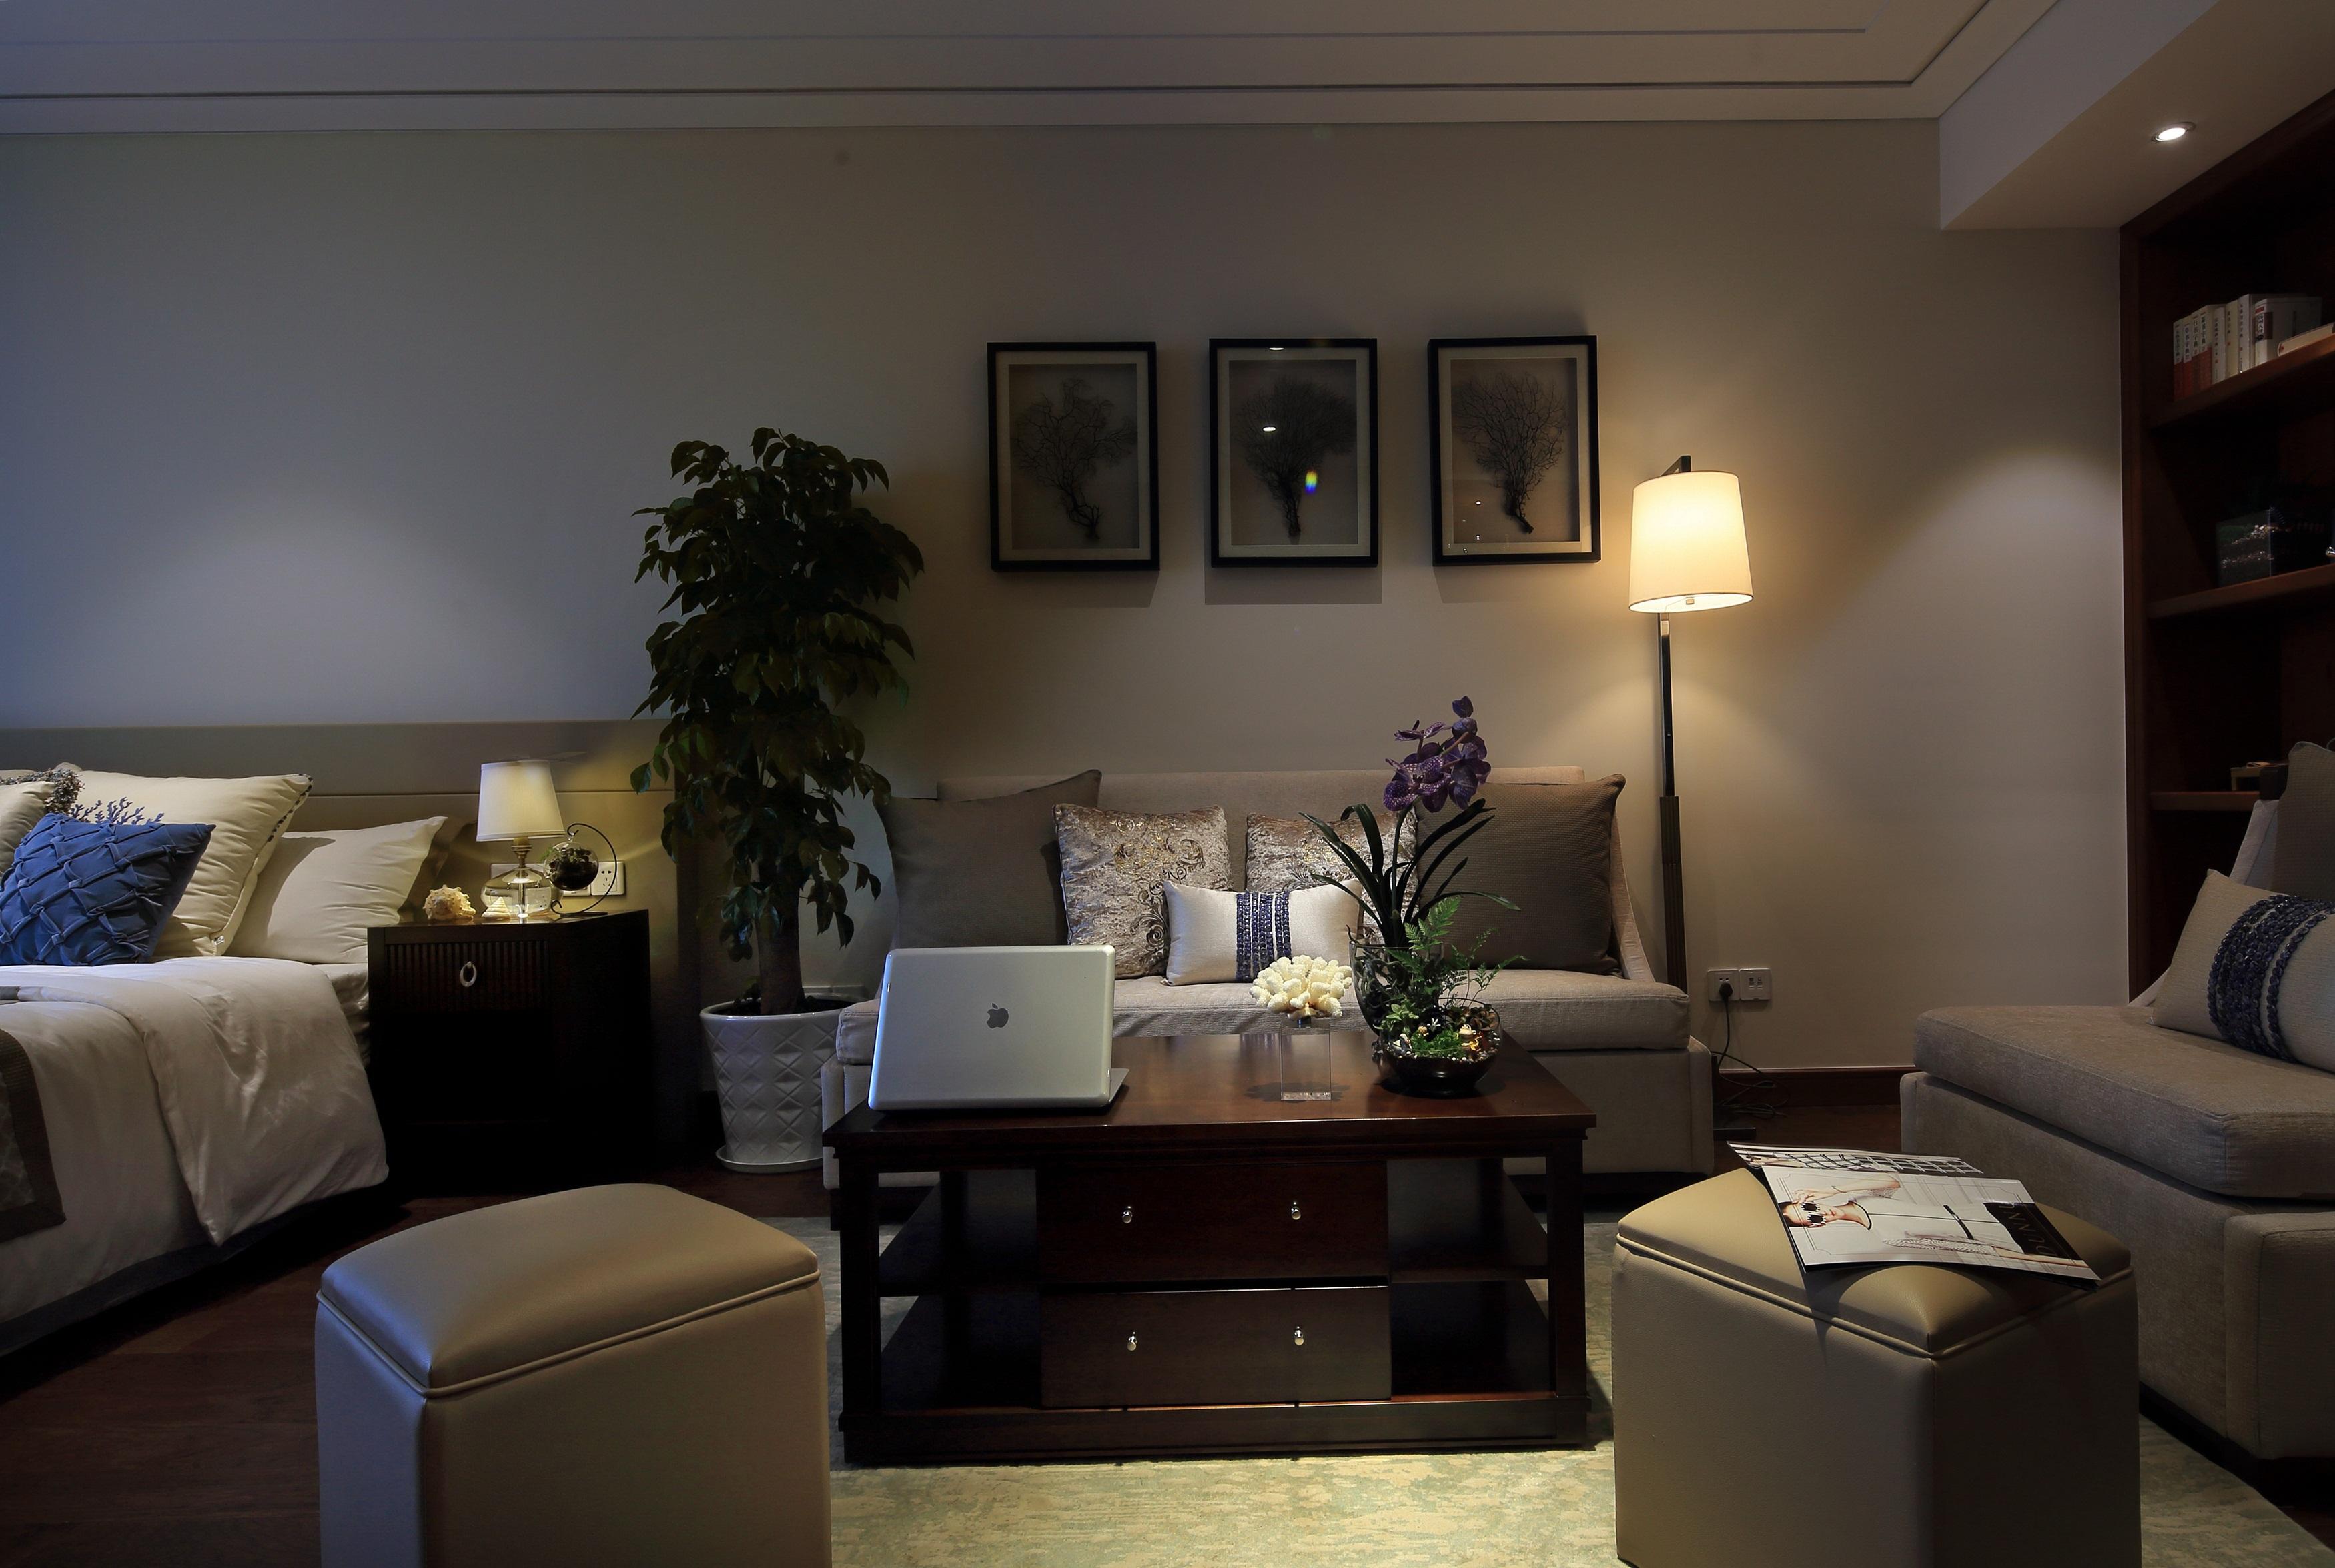 Hotel Qingdao Impression Hotel